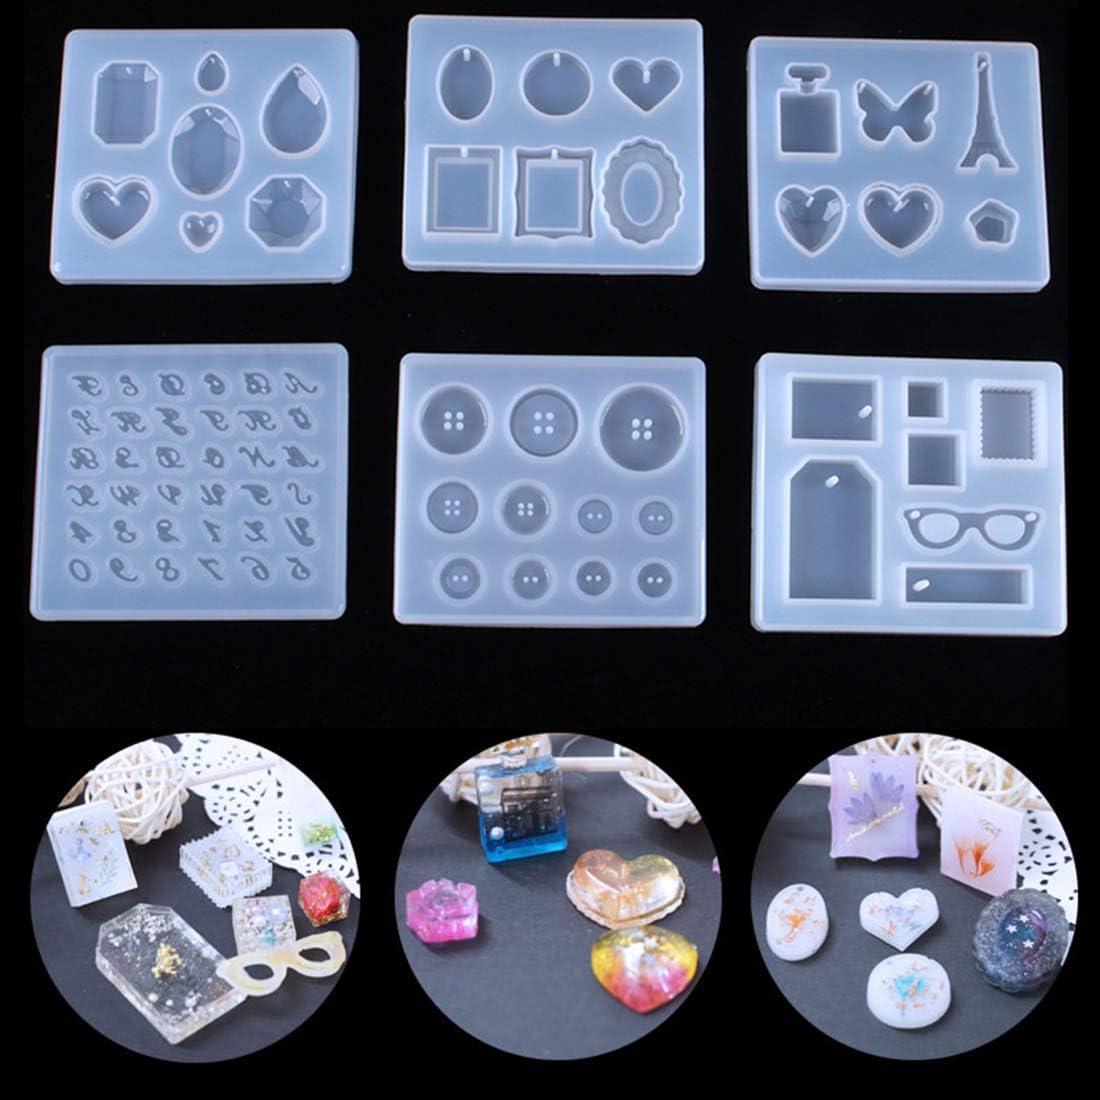 FineInno 6 Piezas Moldes para Abalorios de Resina Beads Resin Molds Moldes Silicona Manualidades Moldes para Resina Epoxi Joyeria Pendientes Arcilla